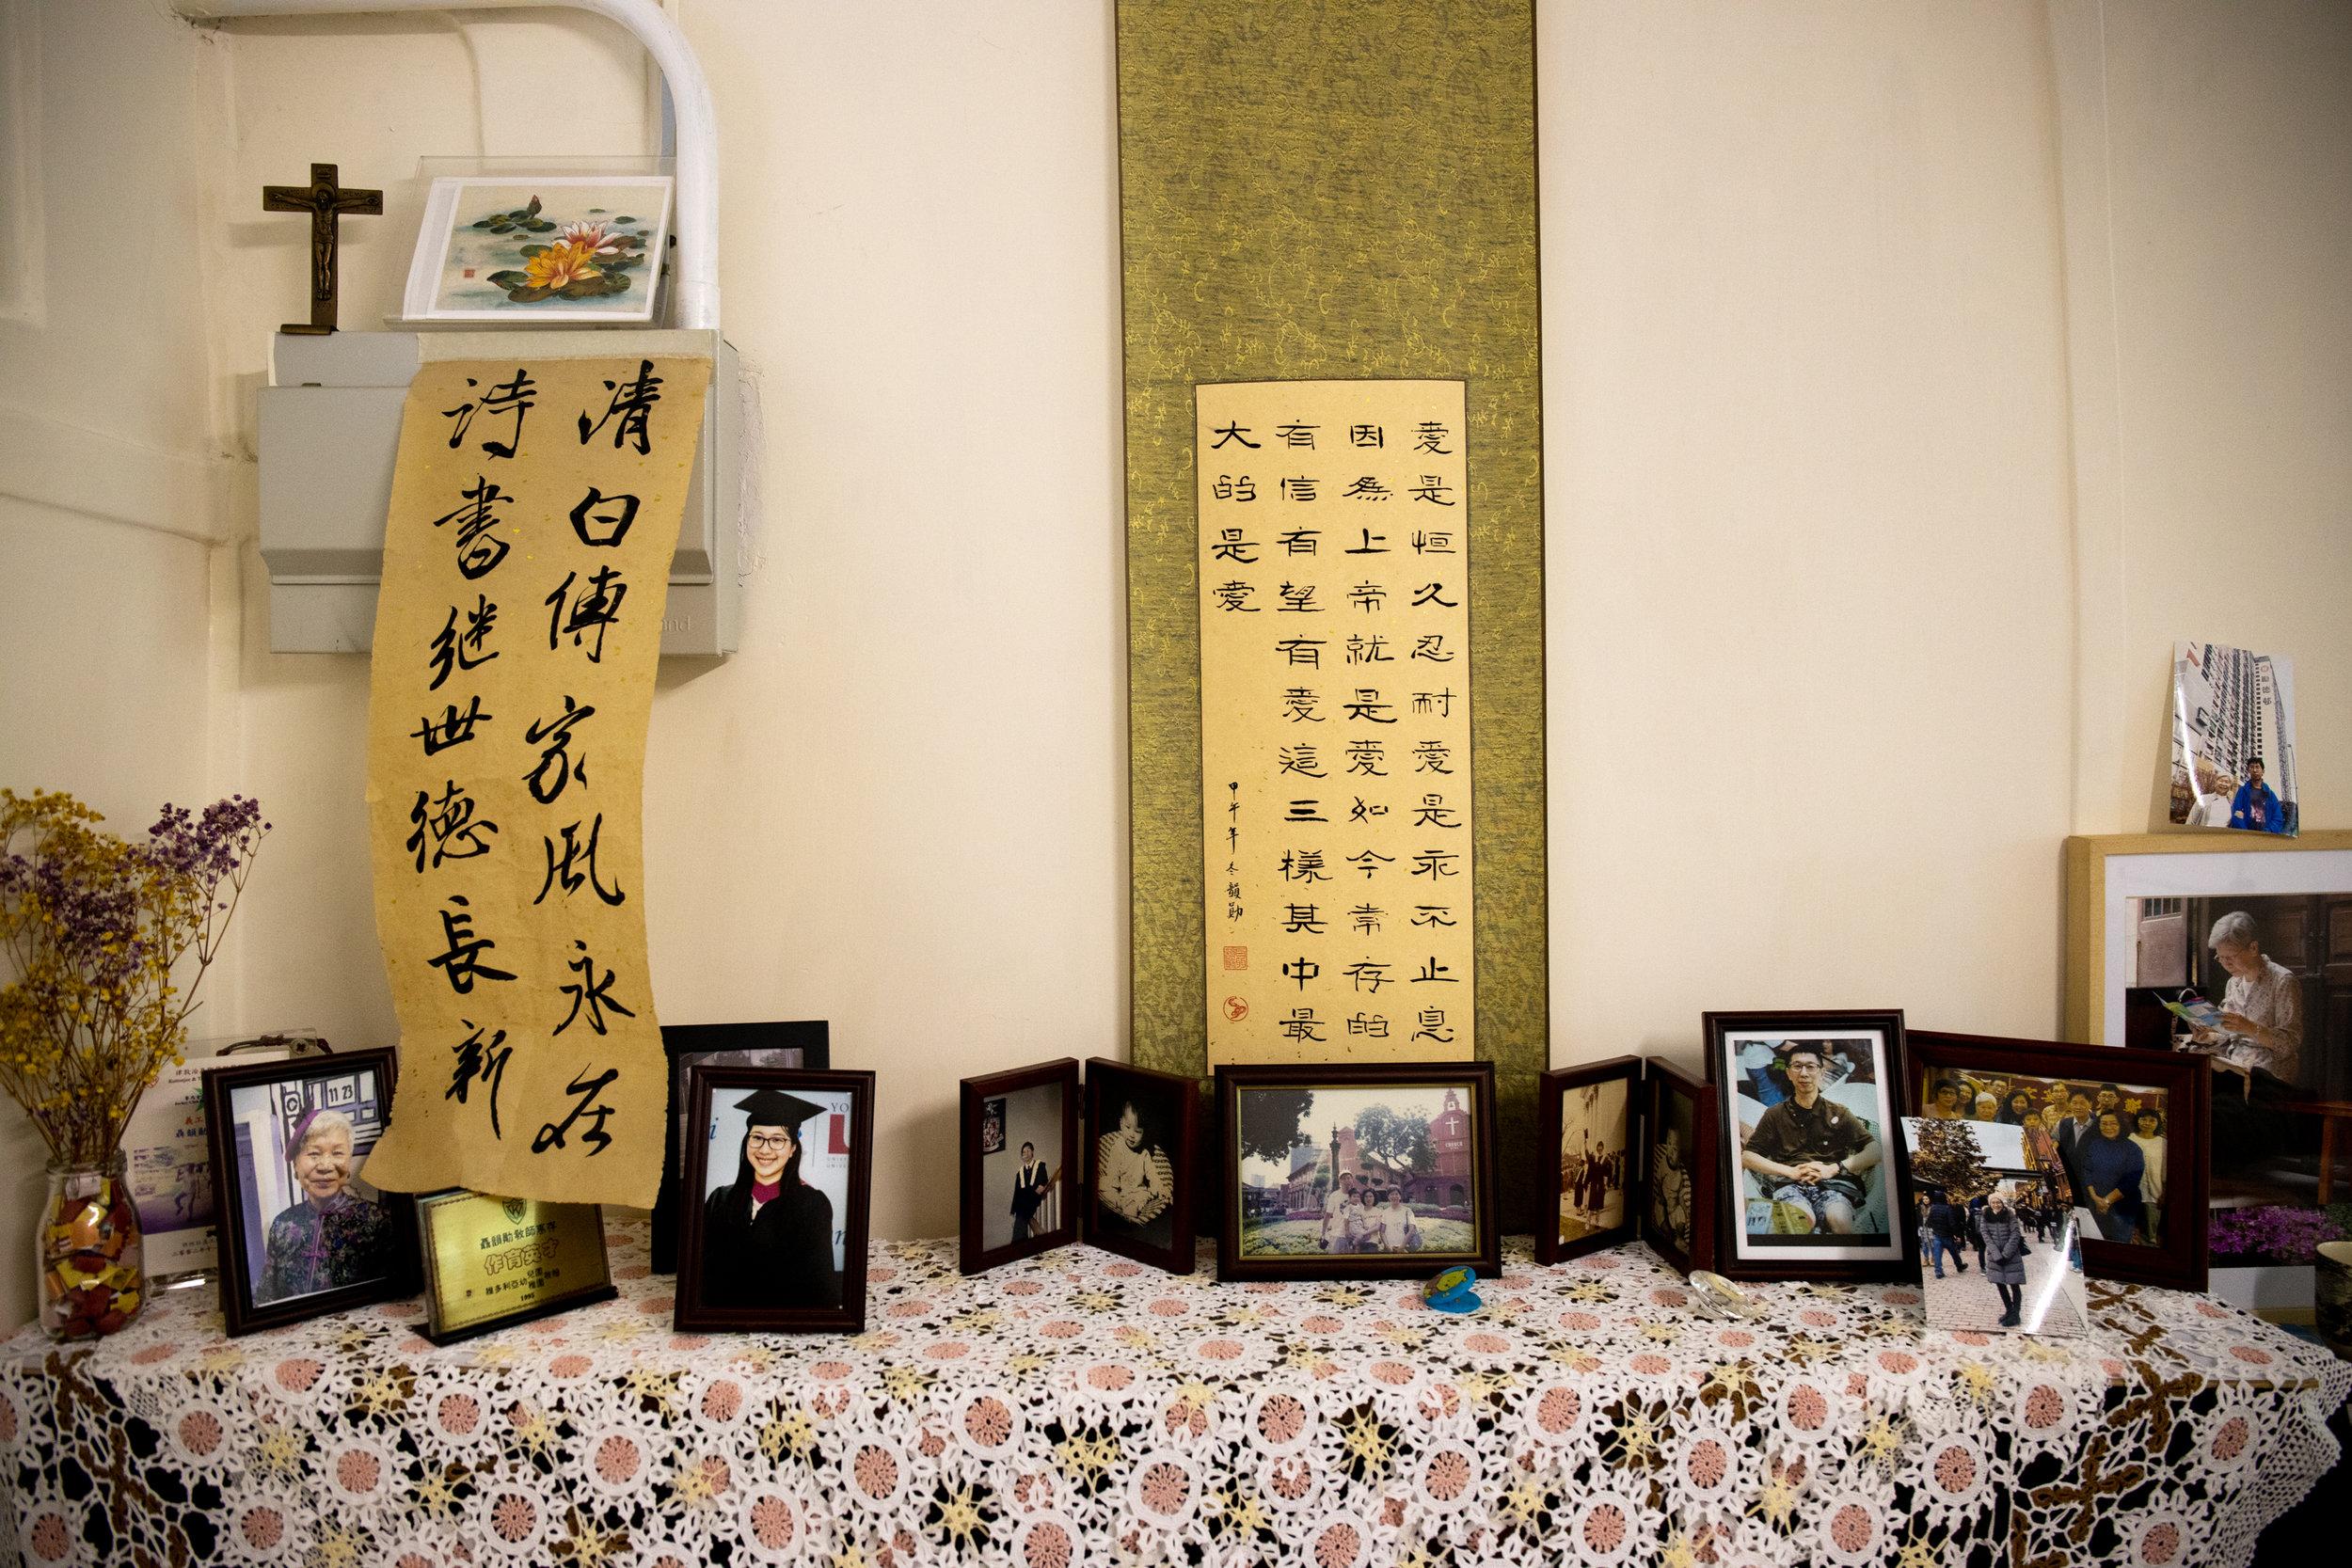 Home of Madame Leung. Hong Kong, June 2019